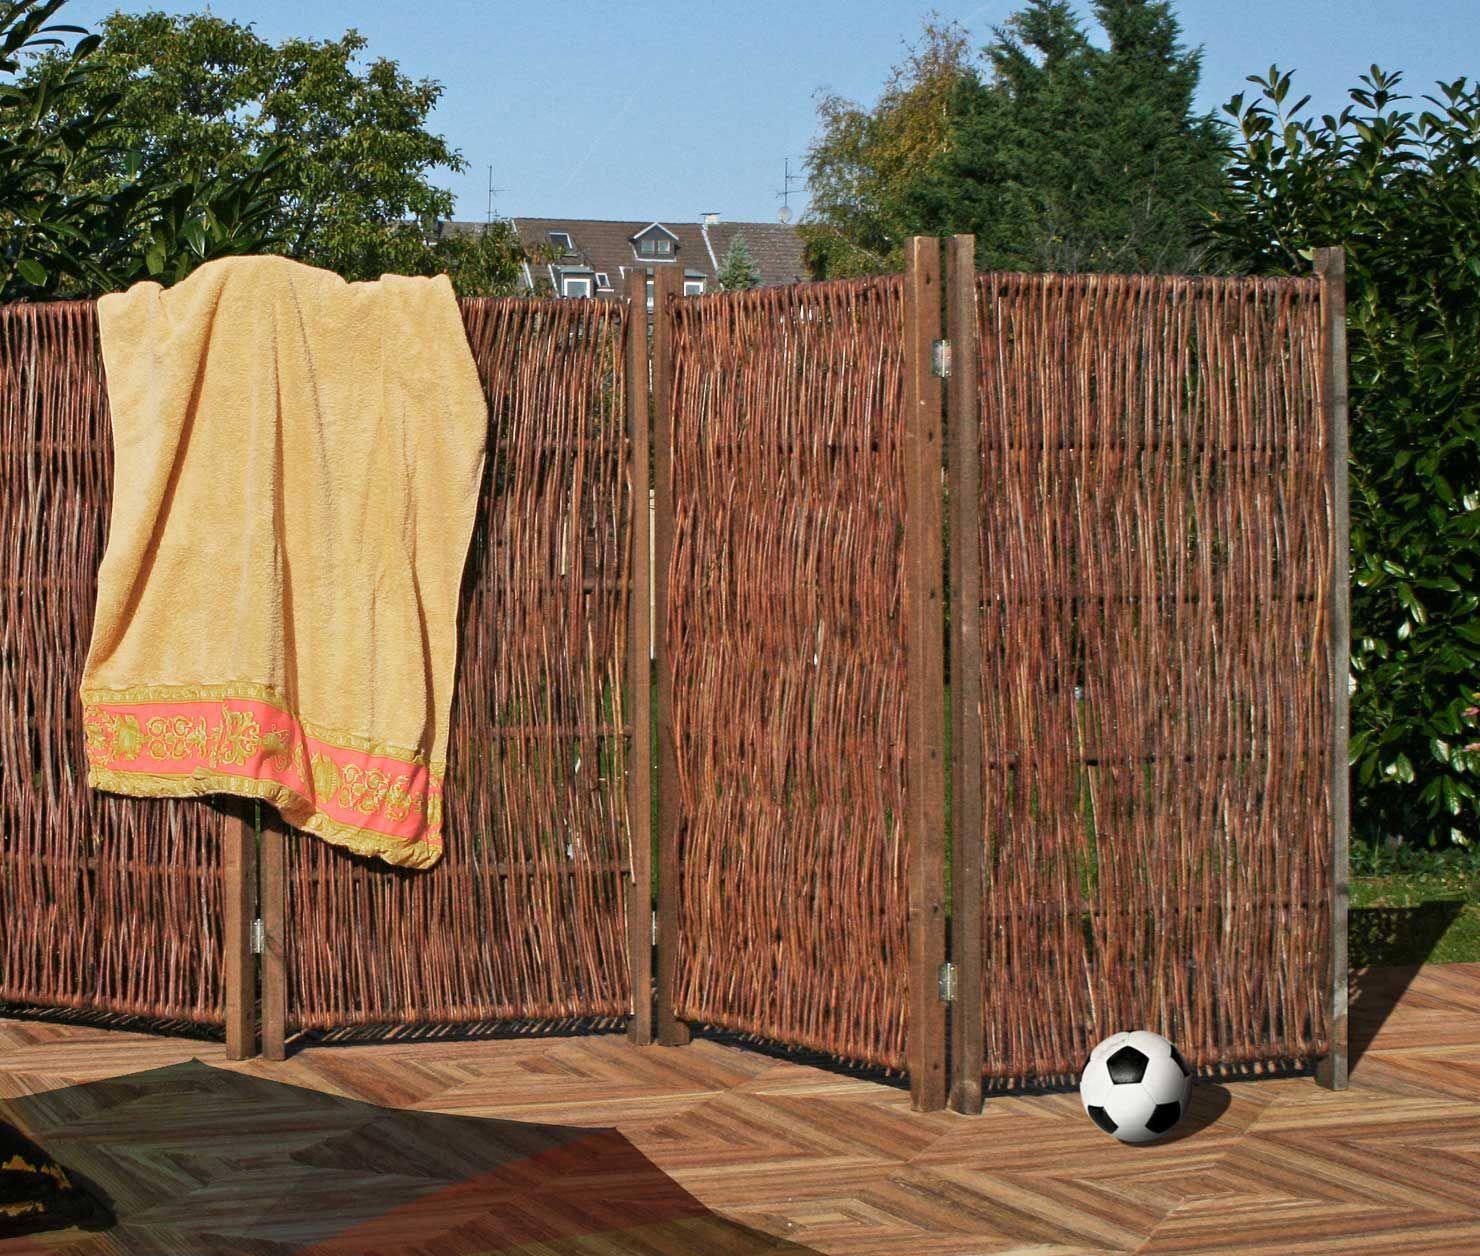 Luxury Weiden Paravent ca x cm Dekorativer Sichtschutz f r Ihren Garten